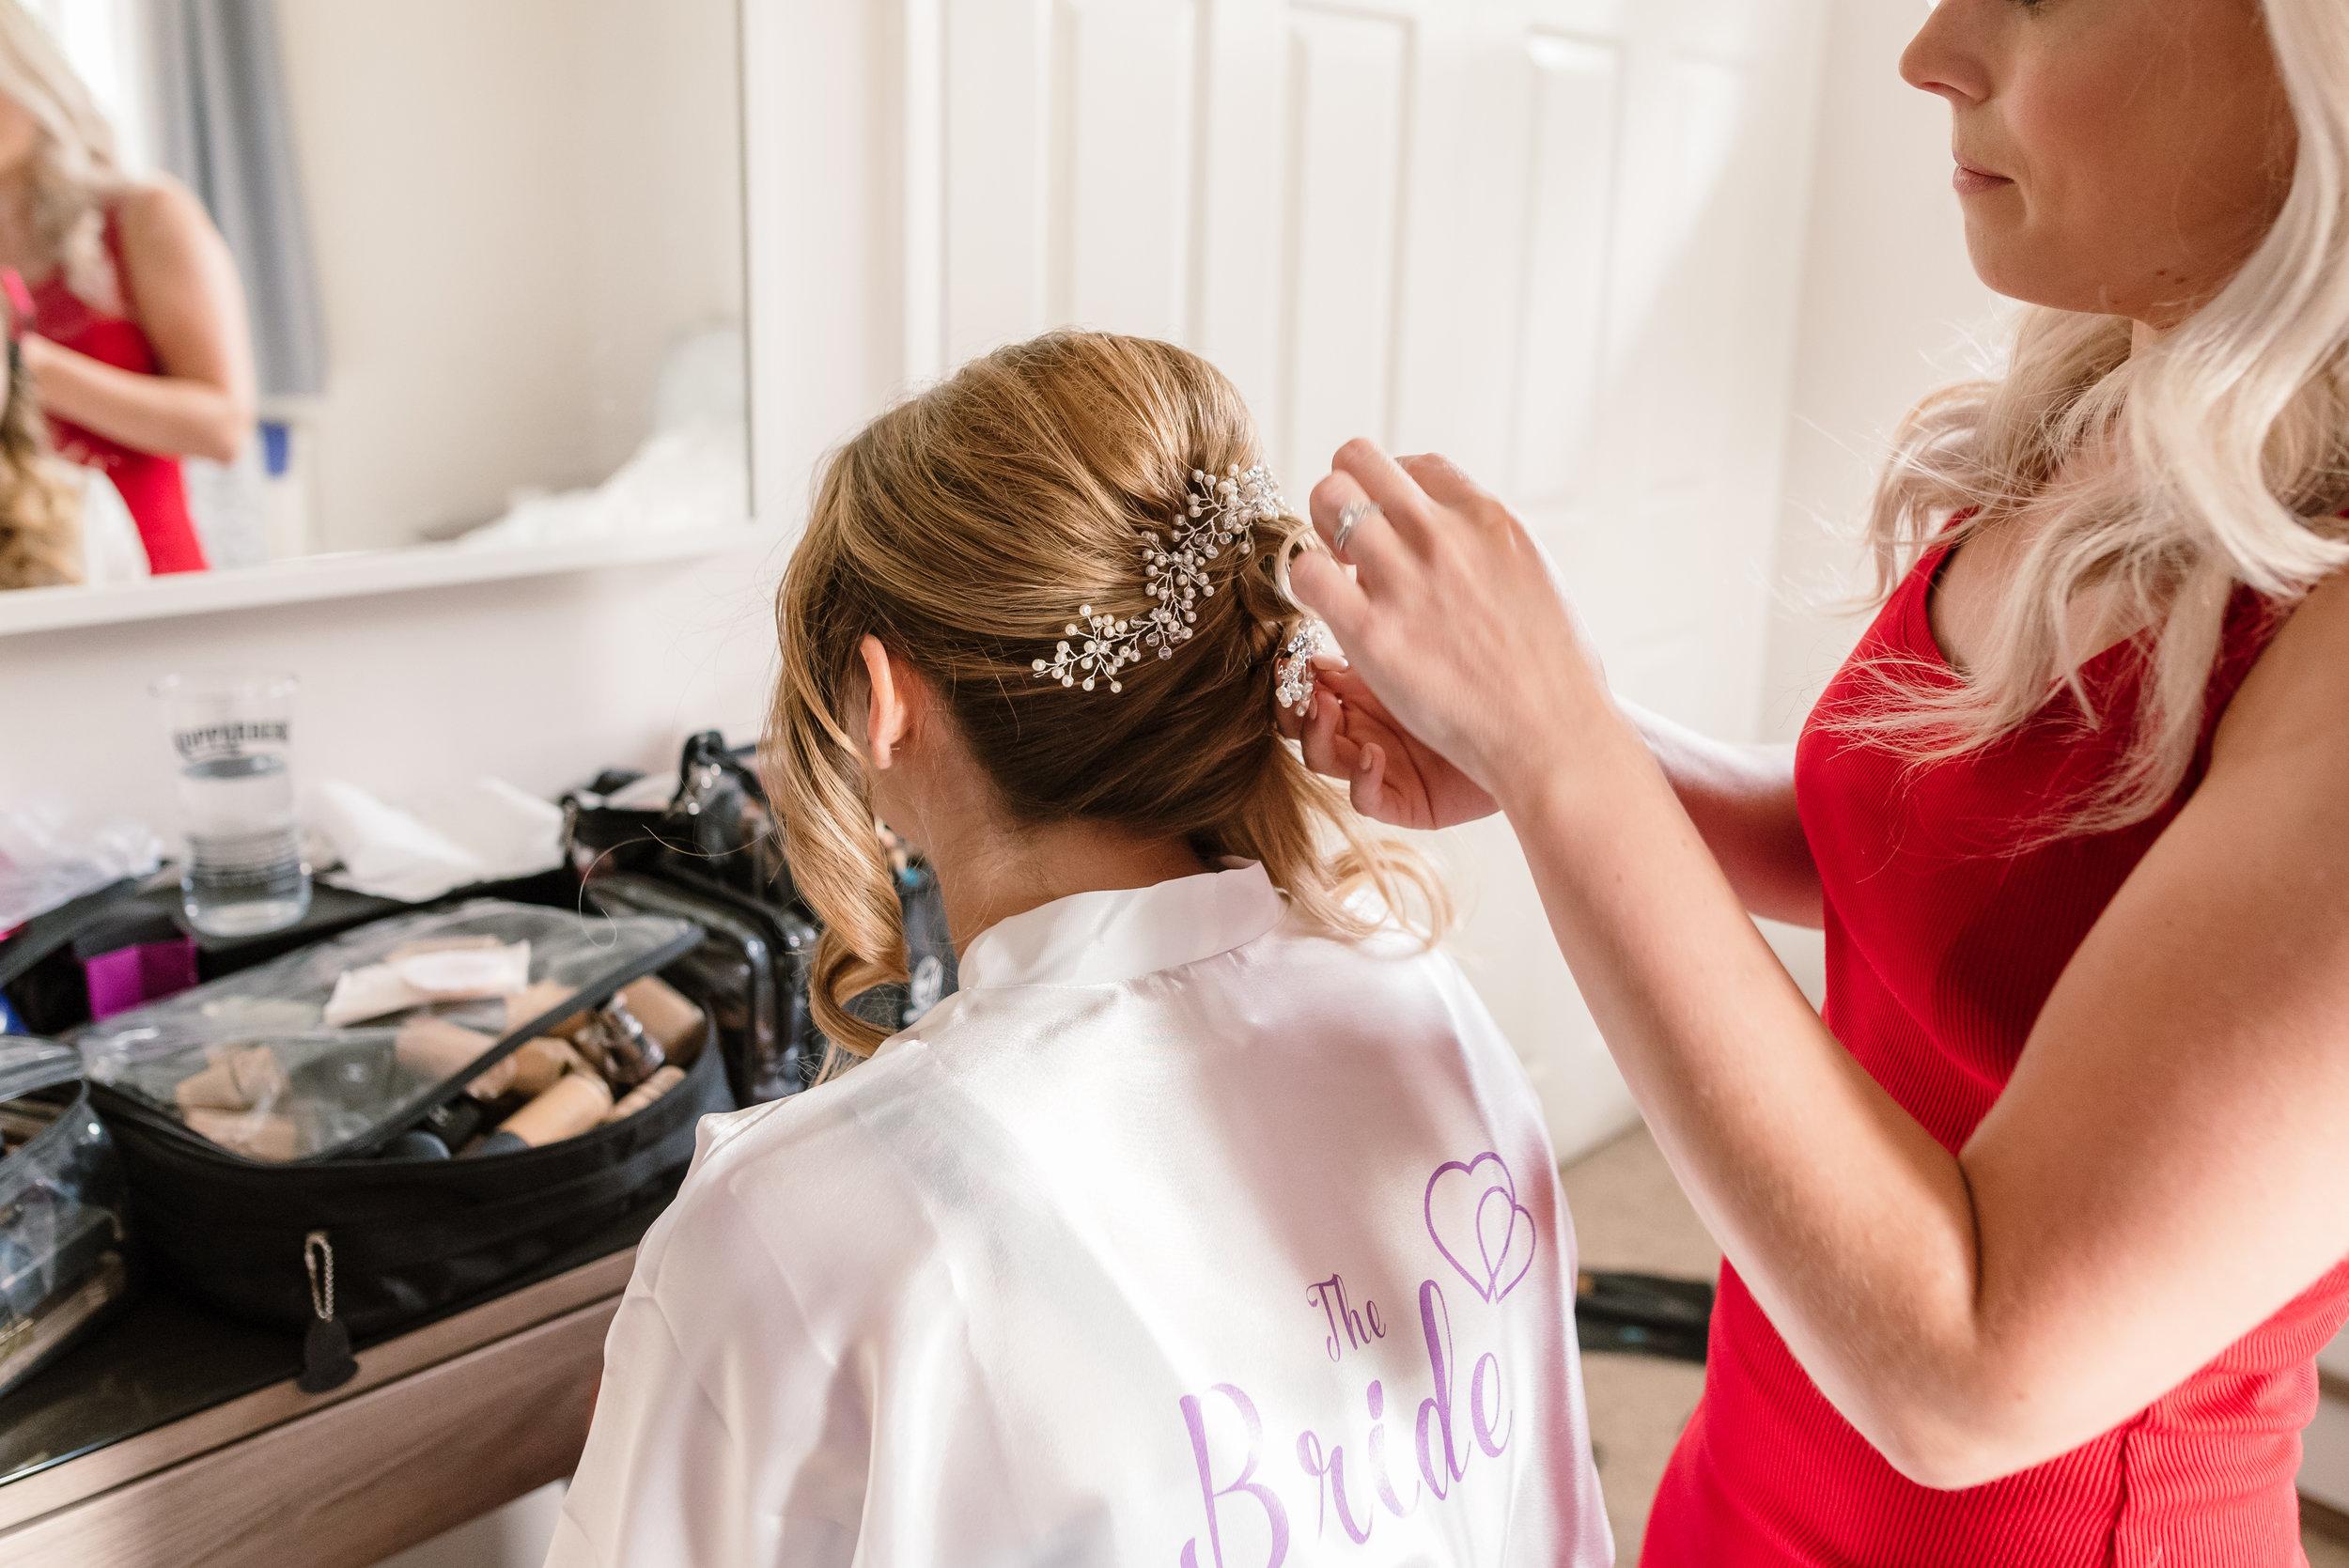 Hampshire Wedding Photographer Hampshire : Ufton-Court-Wedding : Barn-wedding-venue-hampshire : sarah-fishlock-photography : hampshire-barn-wedding-66.jpg